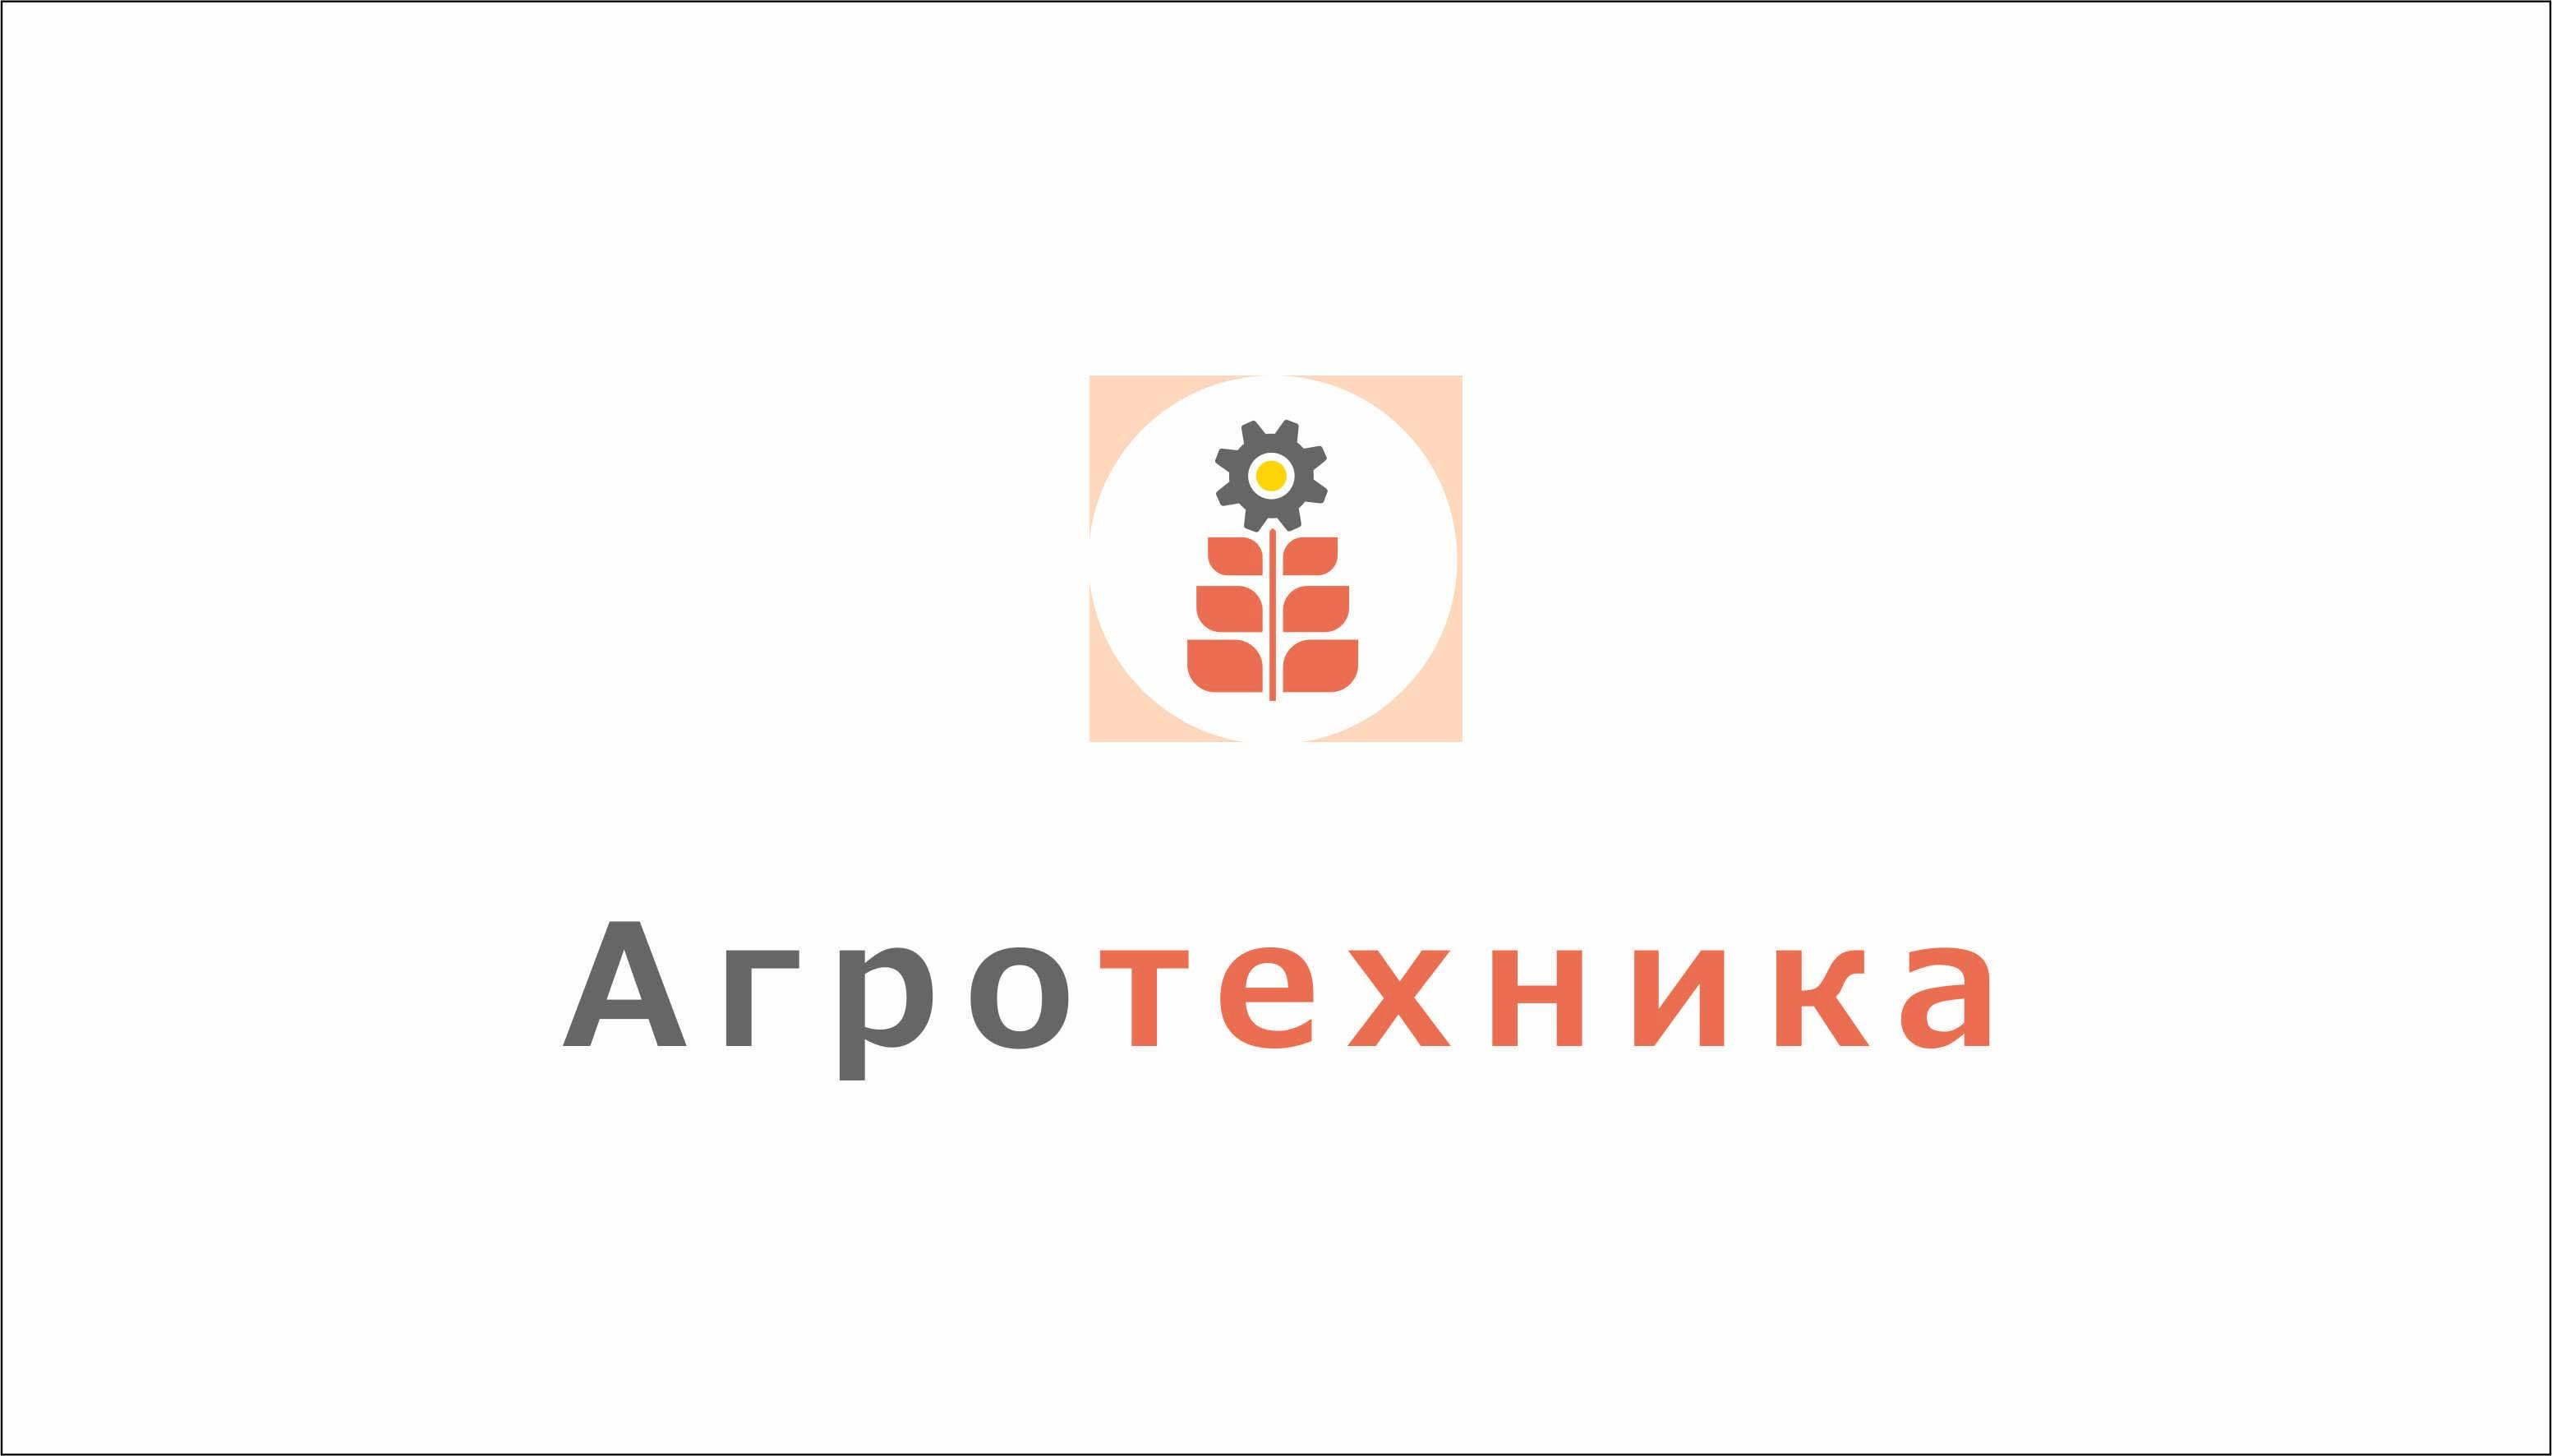 Разработка логотипа для компании Агротехника фото f_9095c00e18c221aa.jpg